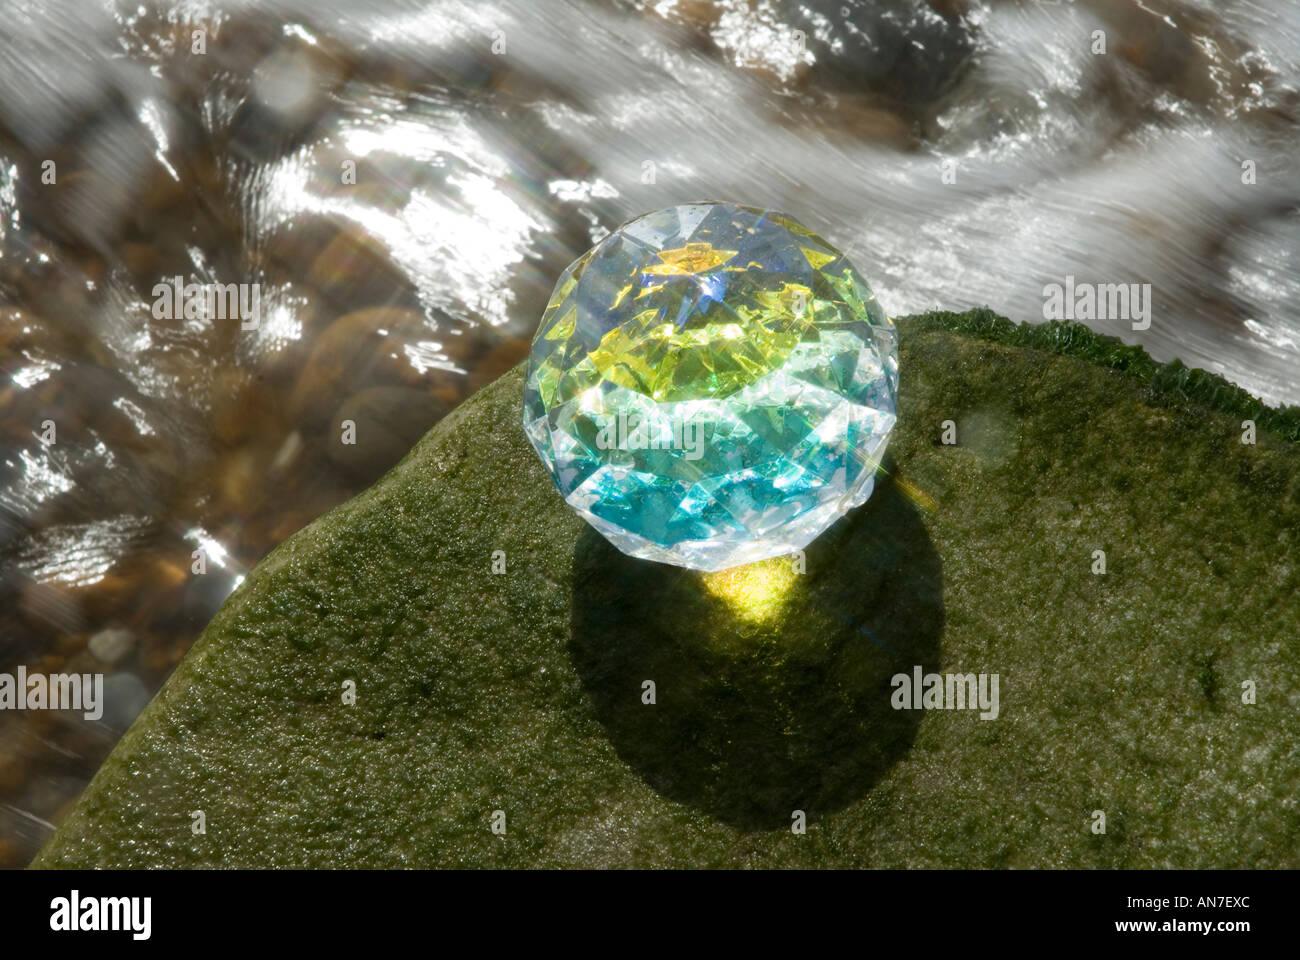 Couper le verre cristal objet sur une plage de galets Photo Stock